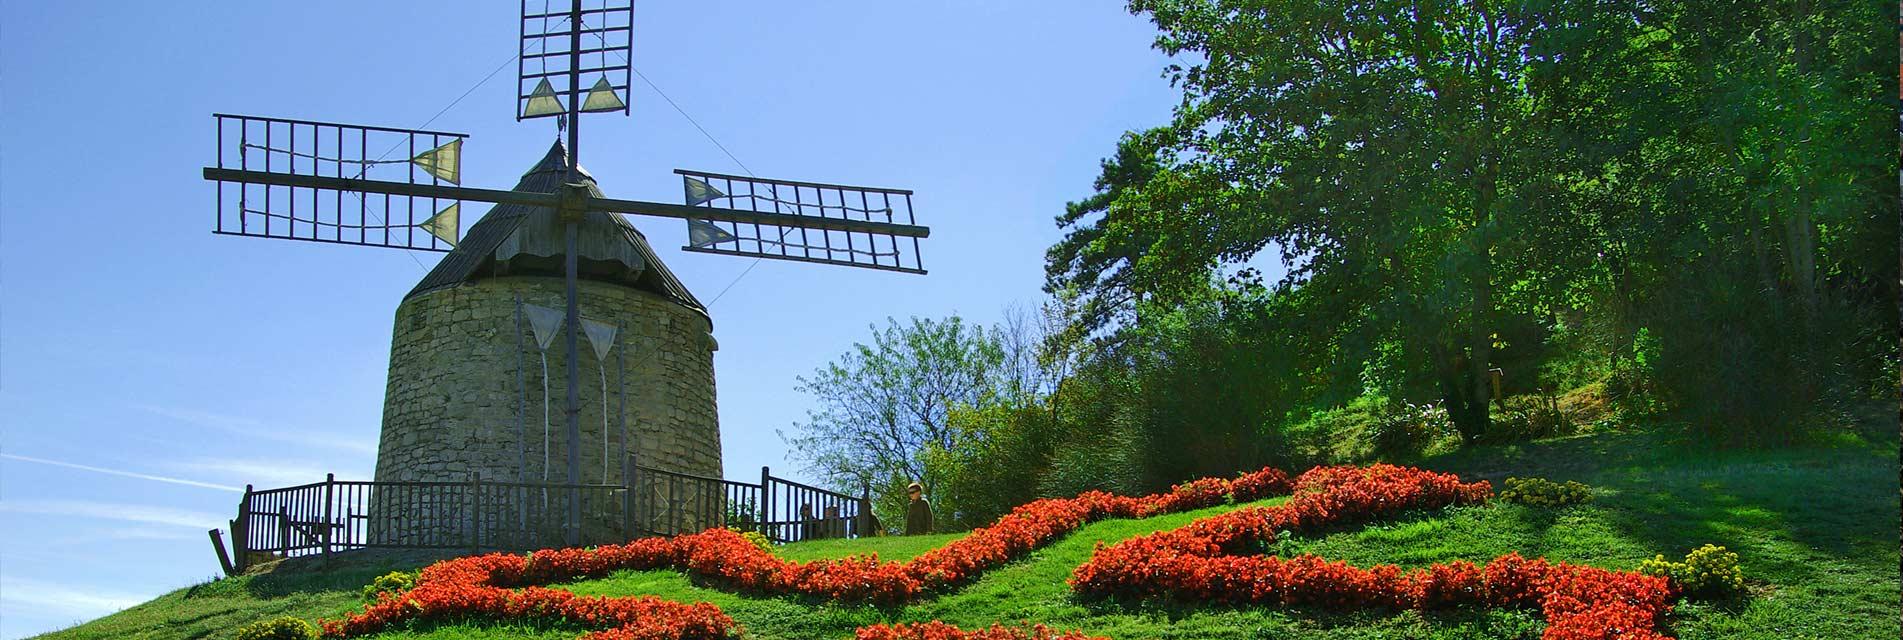 Ville de Lautrec dans le Tarn